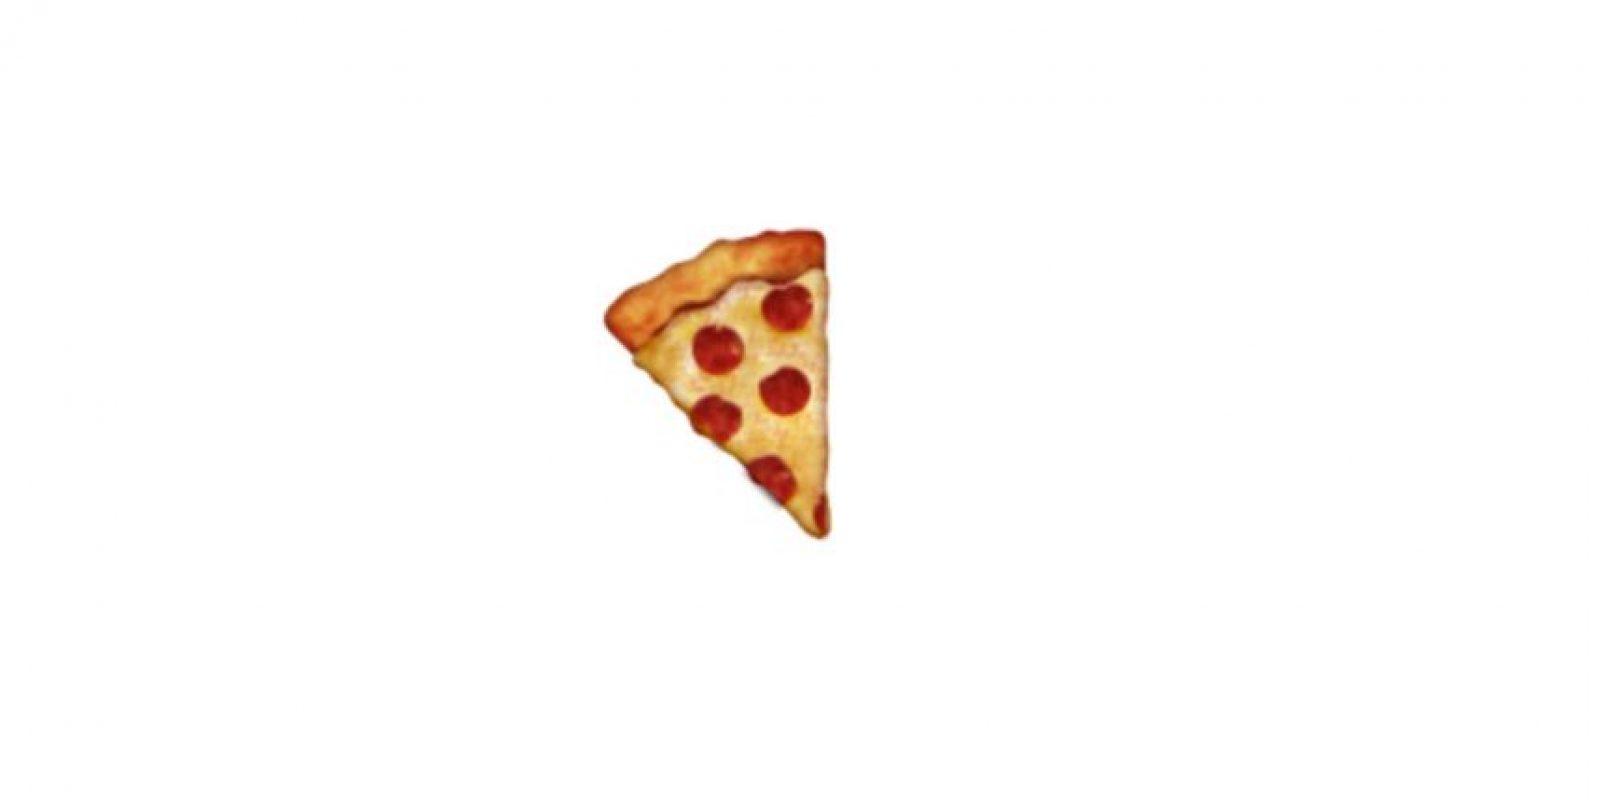 Los emoticones de comida son de los favoritos en WhatsApp. Foto:Emojipedia. Imagen Por: